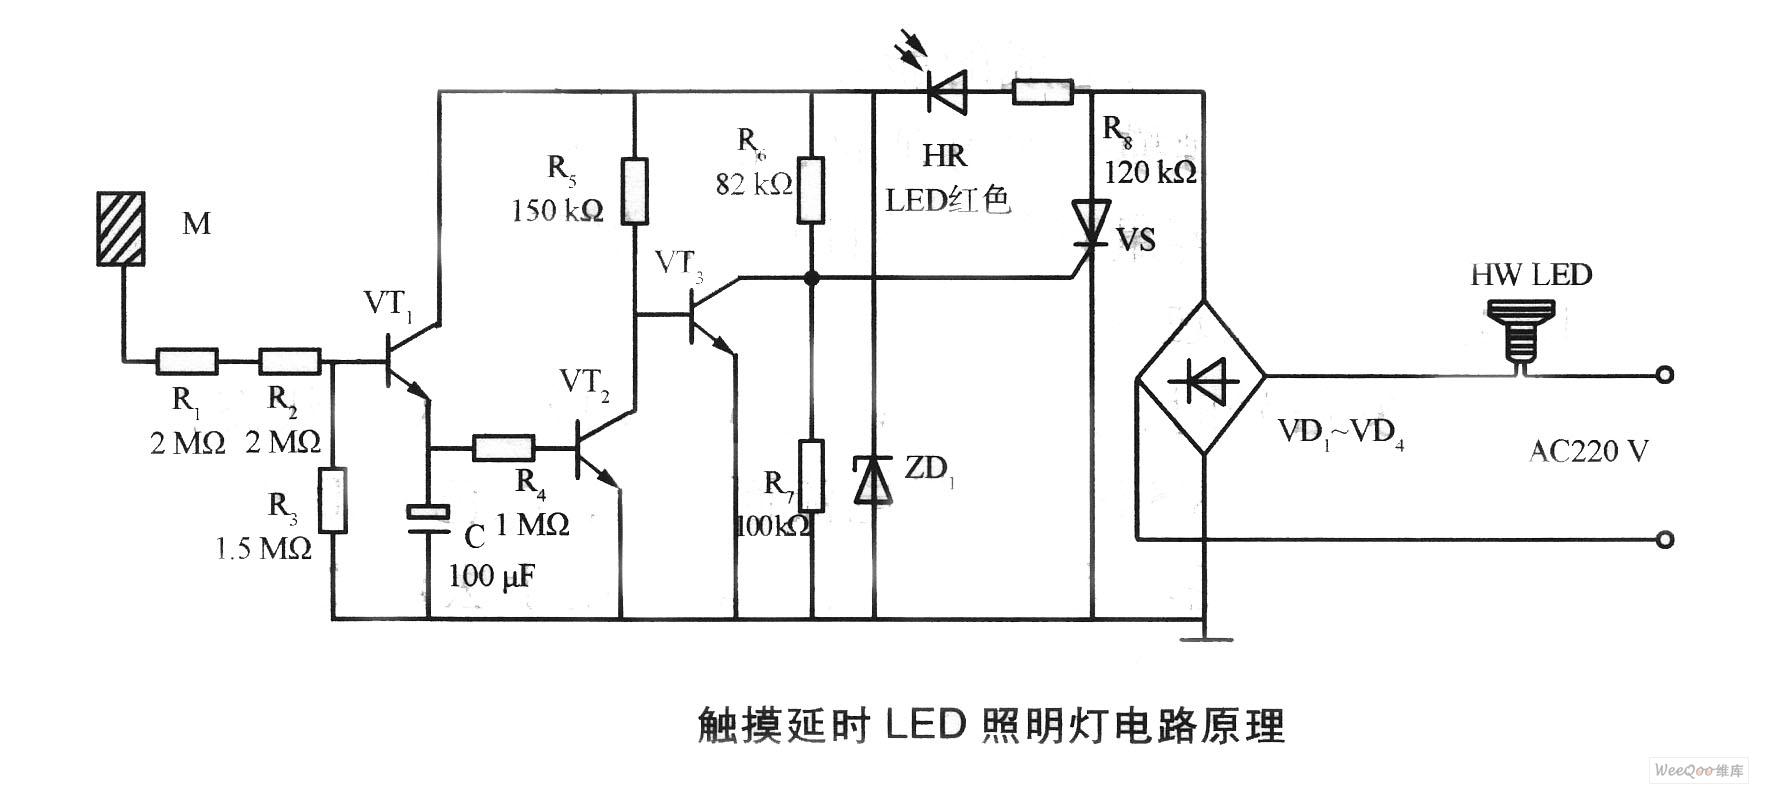 触摸延时LED照明灯电路原理图